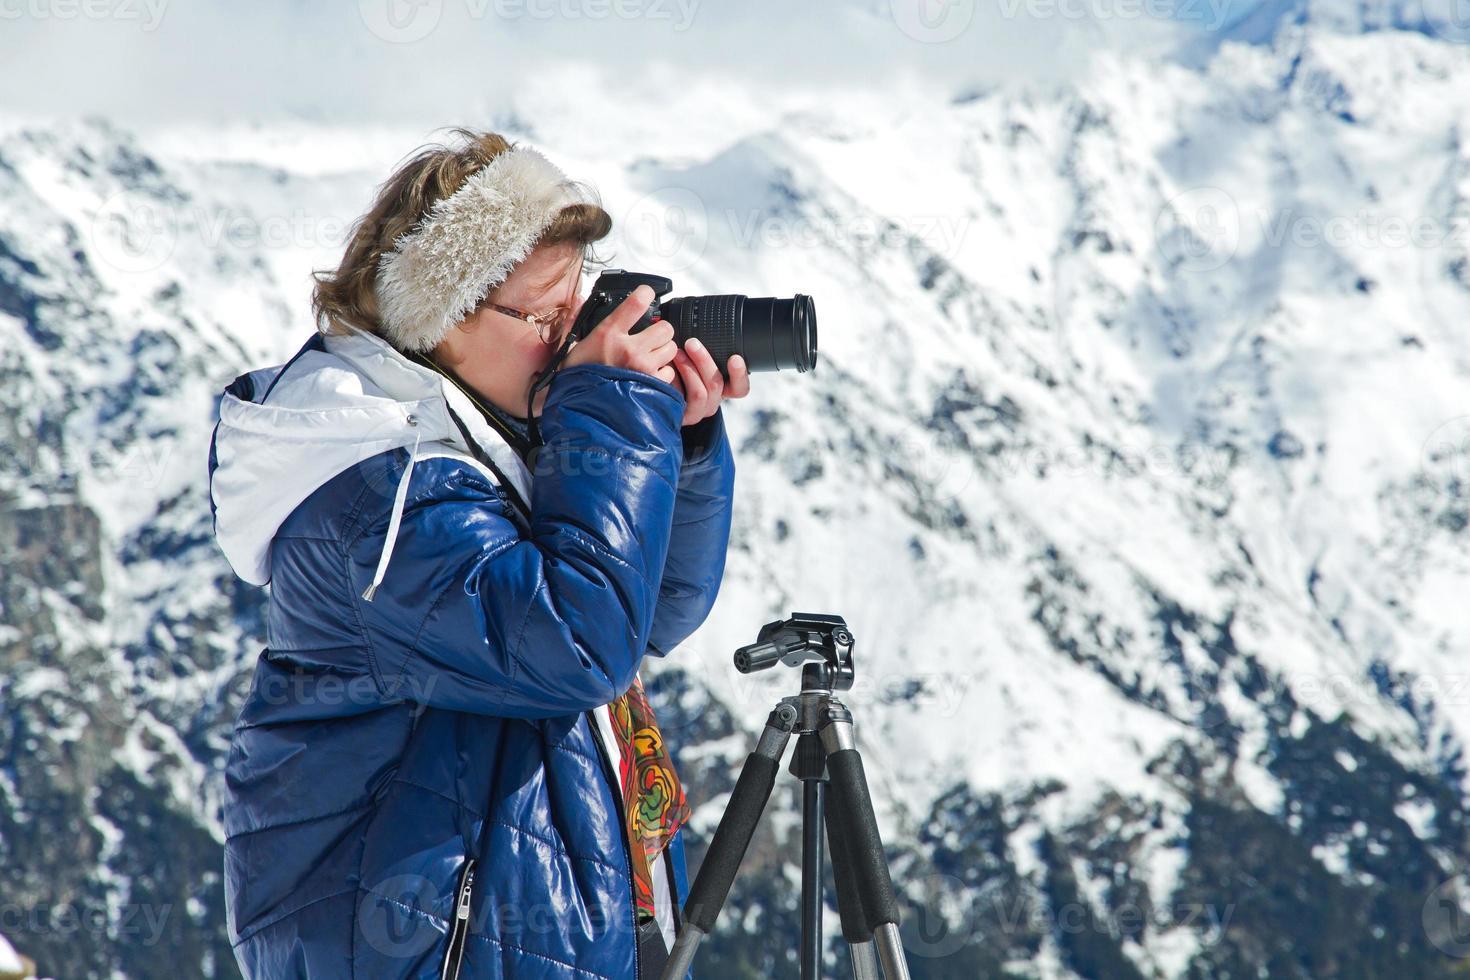 fille photographe montagnes photo